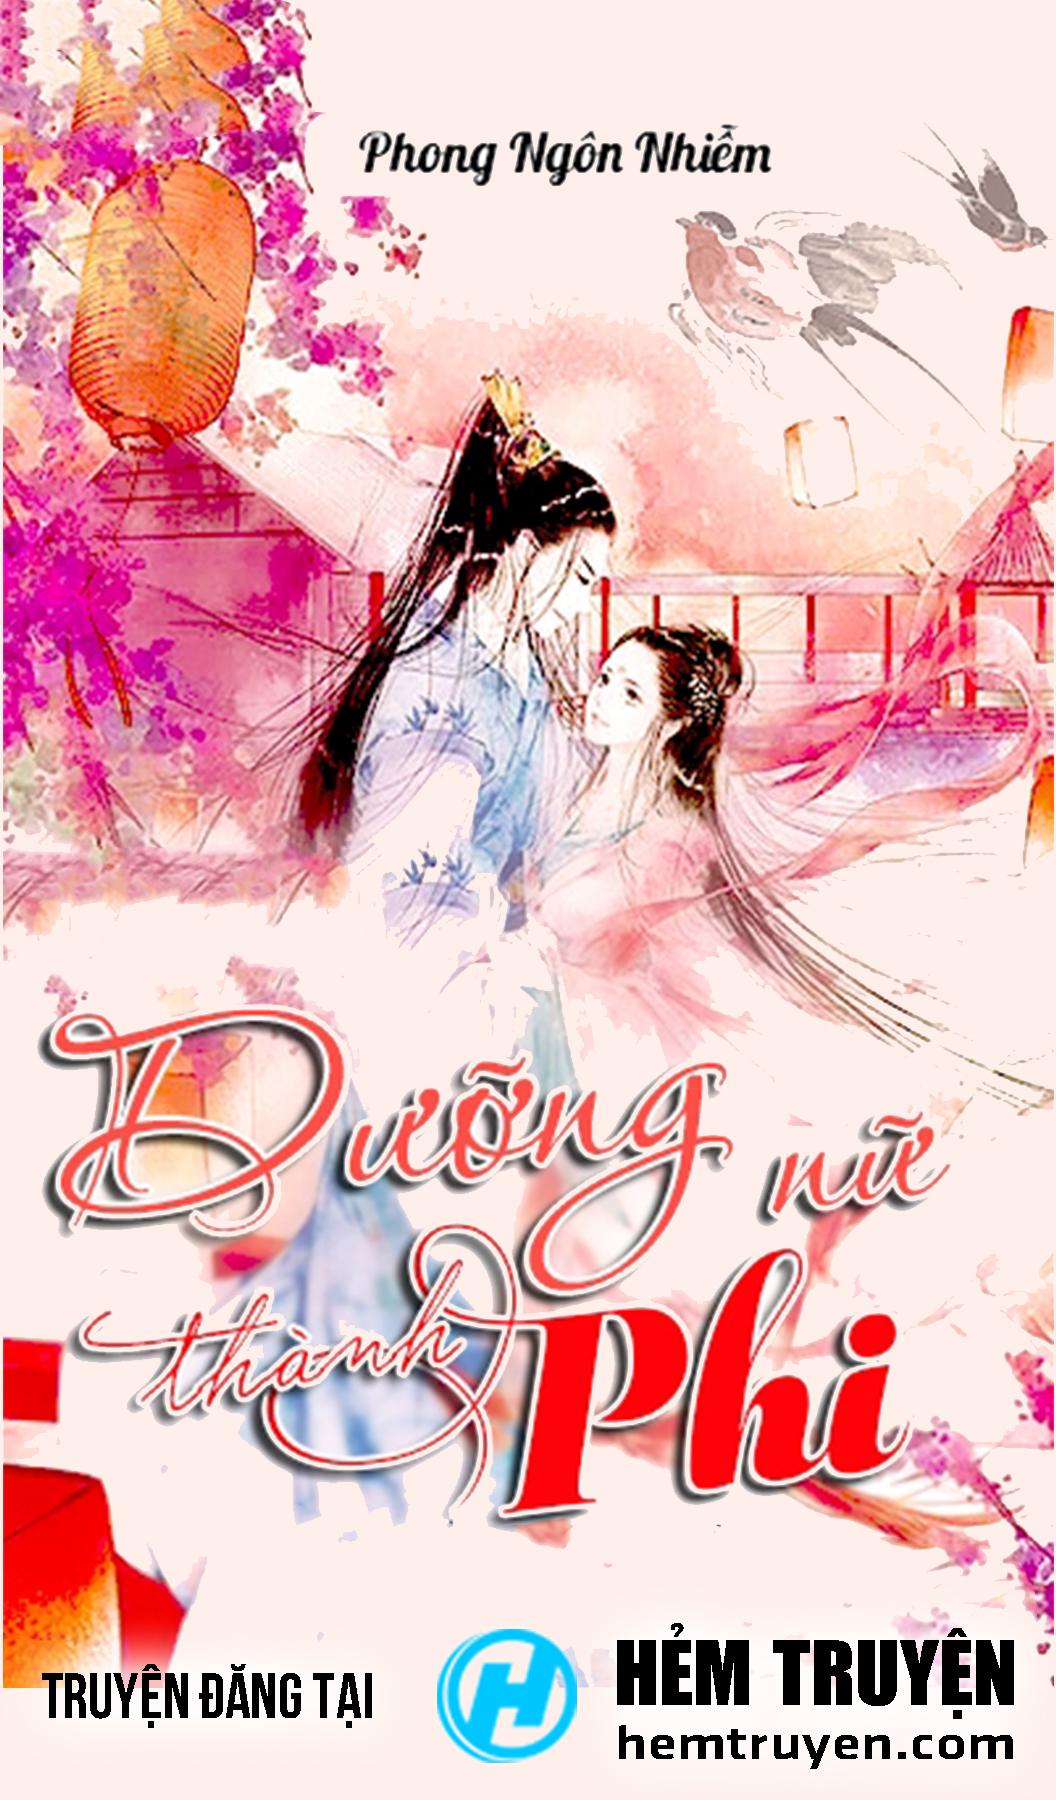 Đọc truyện Dưỡng Nữ Thành Phi của Phong Ngôn Nhiễm trên HEMTRUYEN.COM